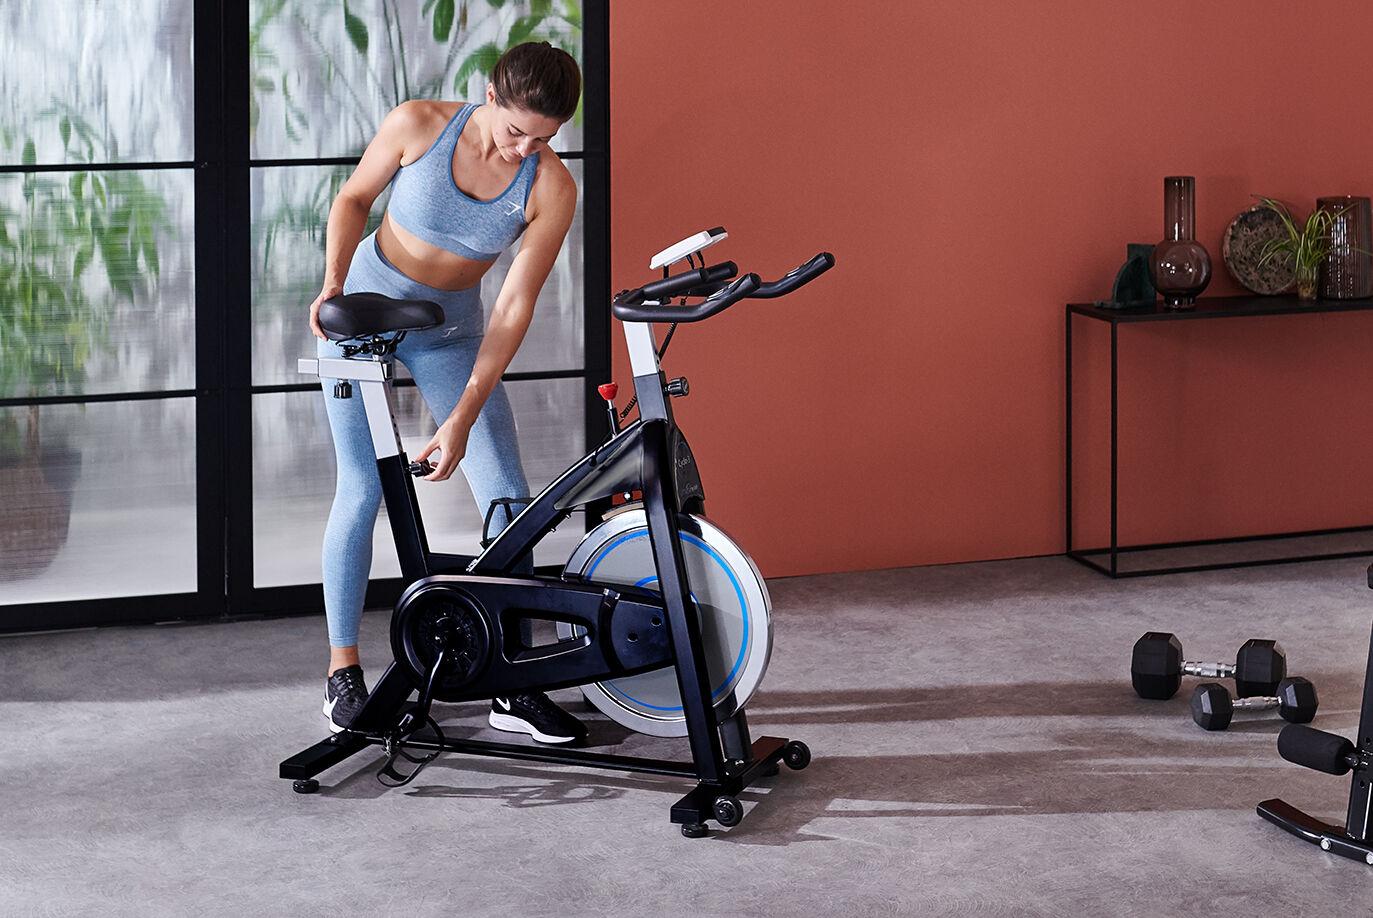 Adjustable Exercise Bike